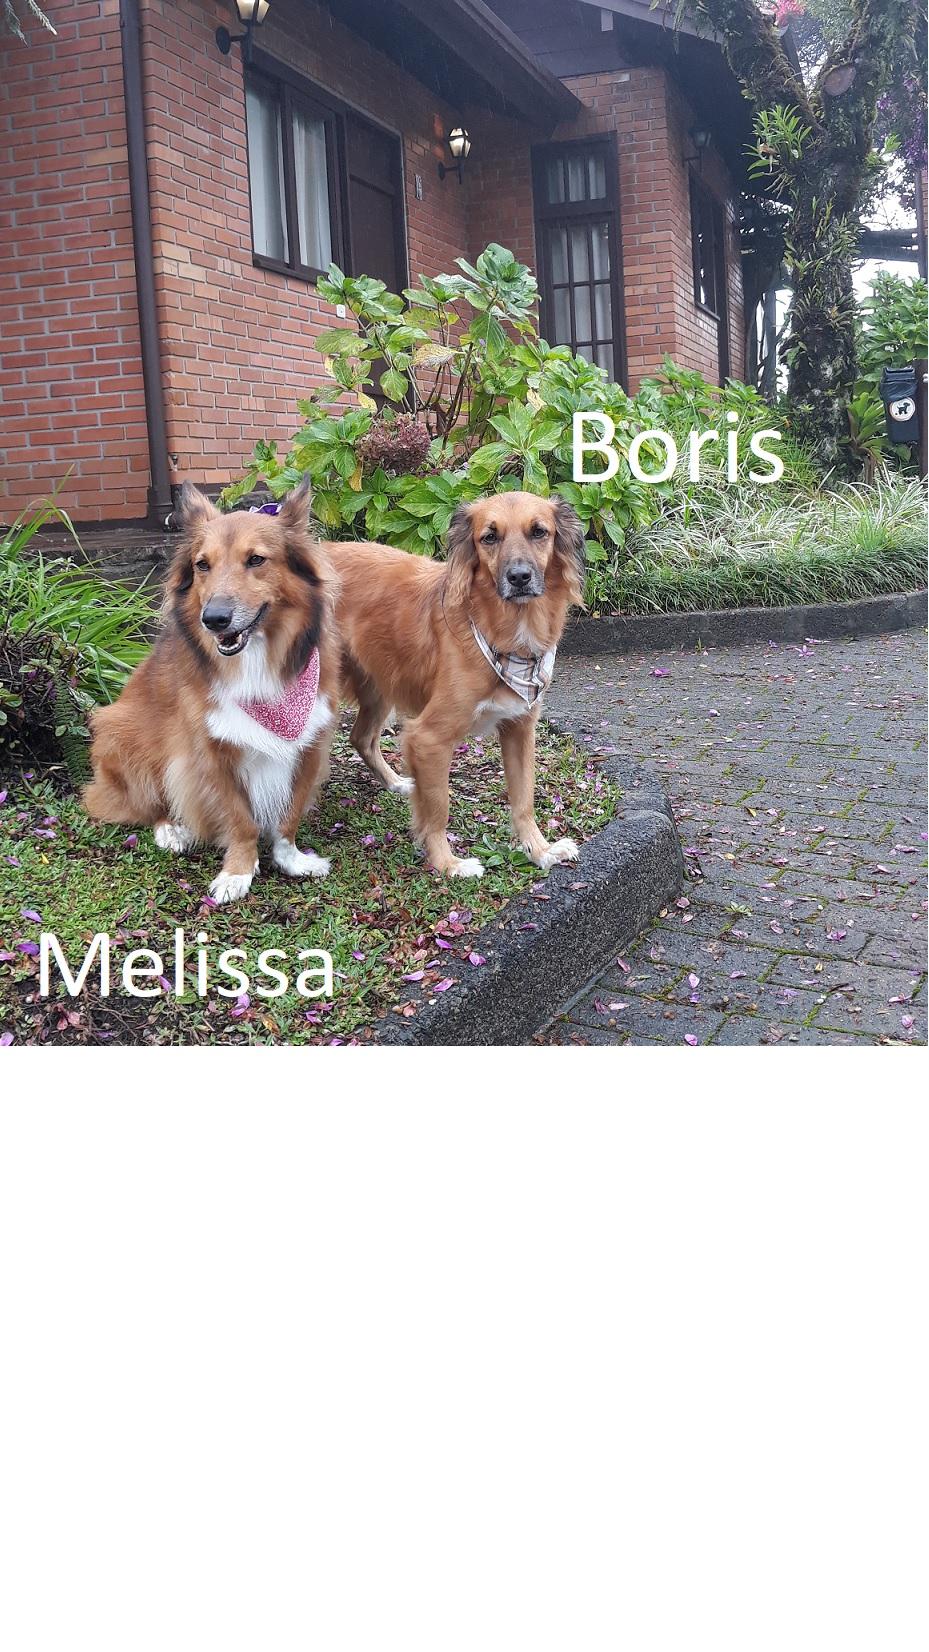 Boris Melissa